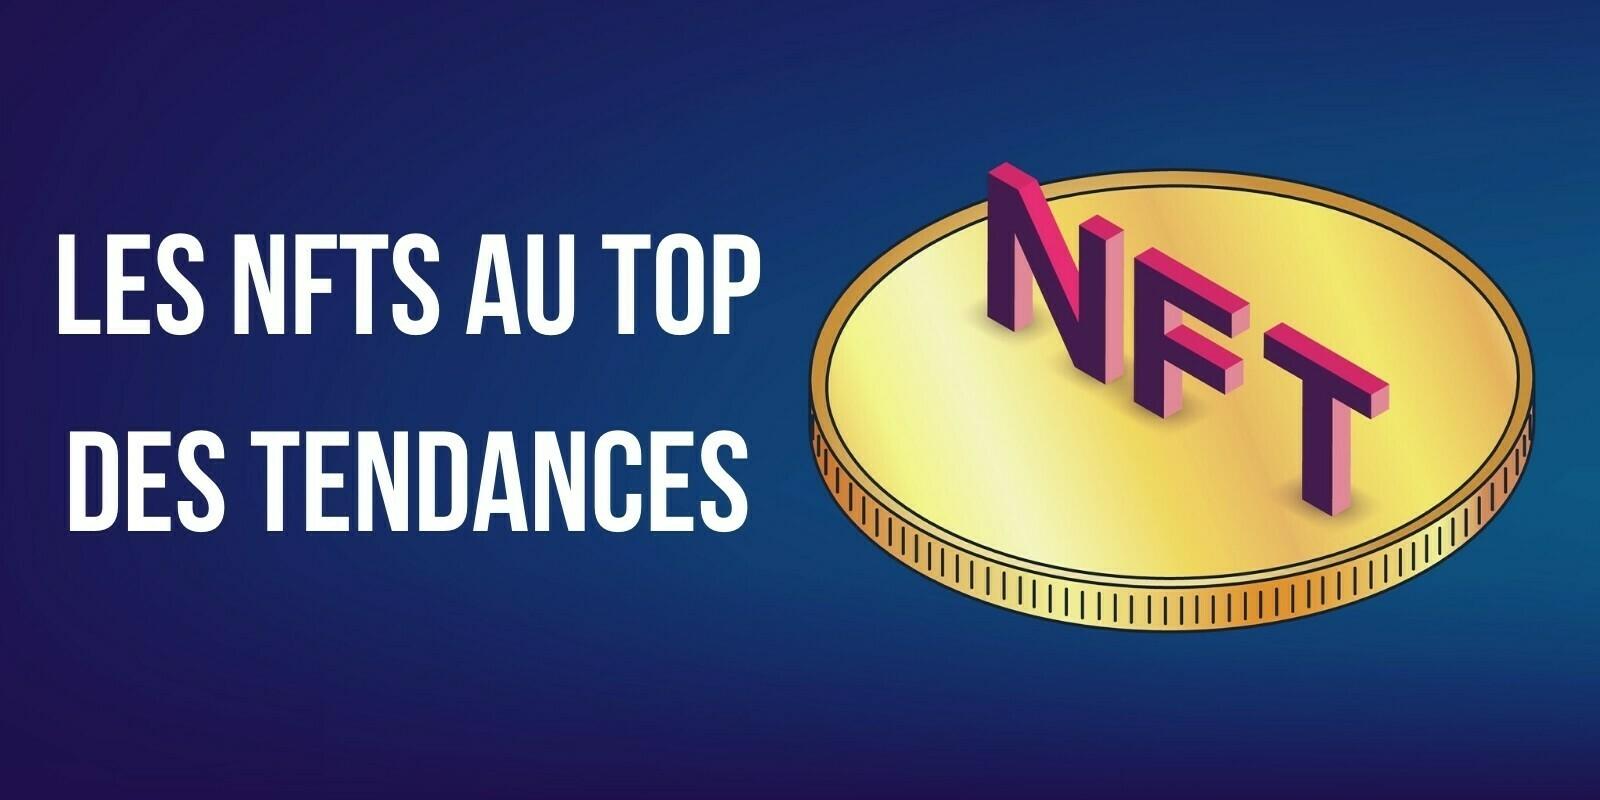 Les NFTs seraient 4 fois plus populaires que la DeFi selon Google Trends